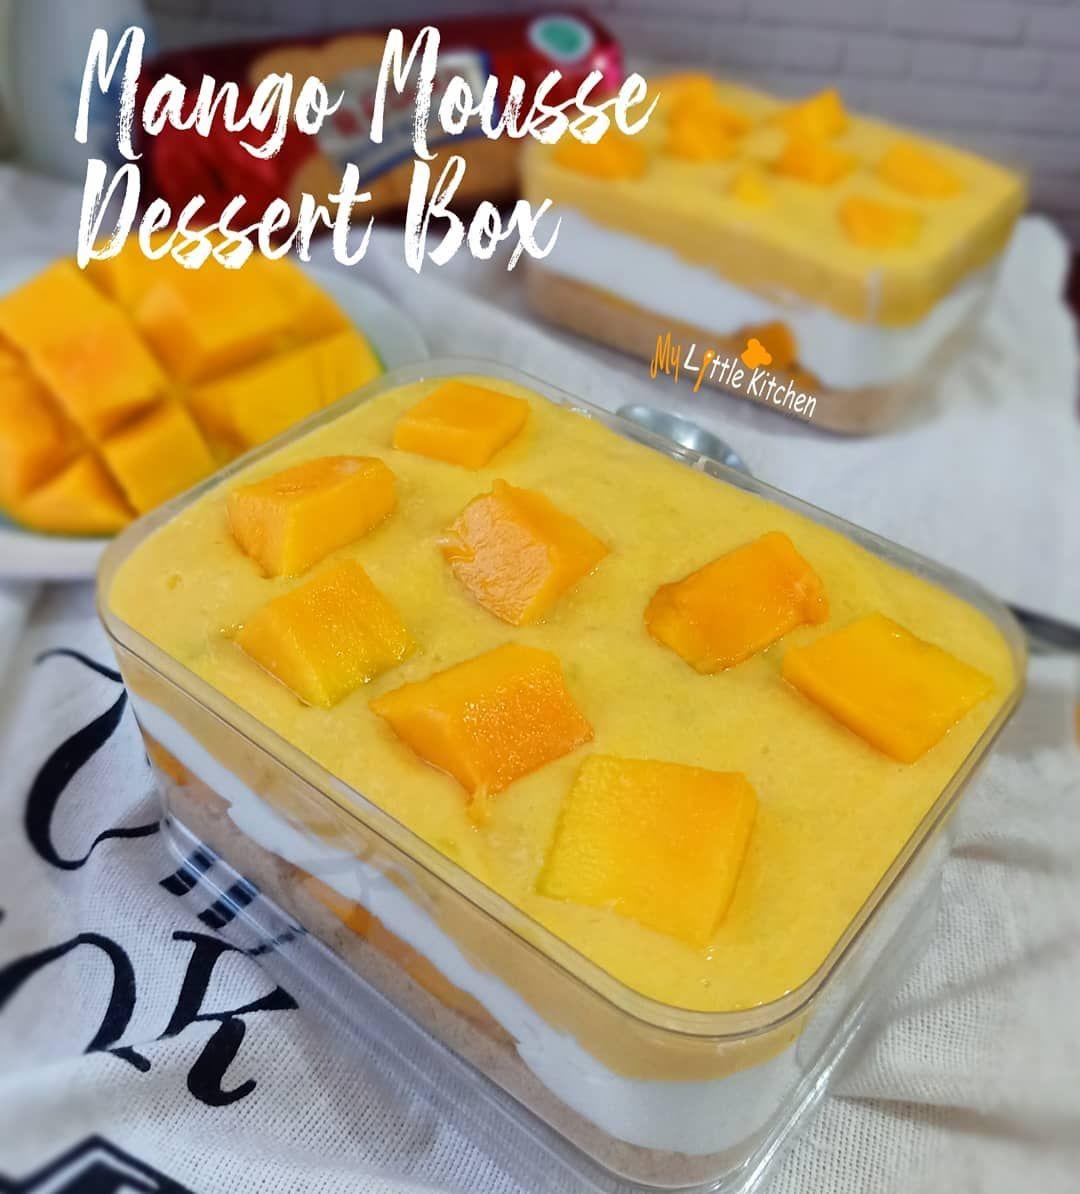 Liat Mangga Banyak Banget Mata Jadi Seger Kebayang Mau Bikin Dessert Box Di Jalan Mikir Di Mix Pake Apa Ya Mango Mousse Mousse Dessert Dessert Boxes